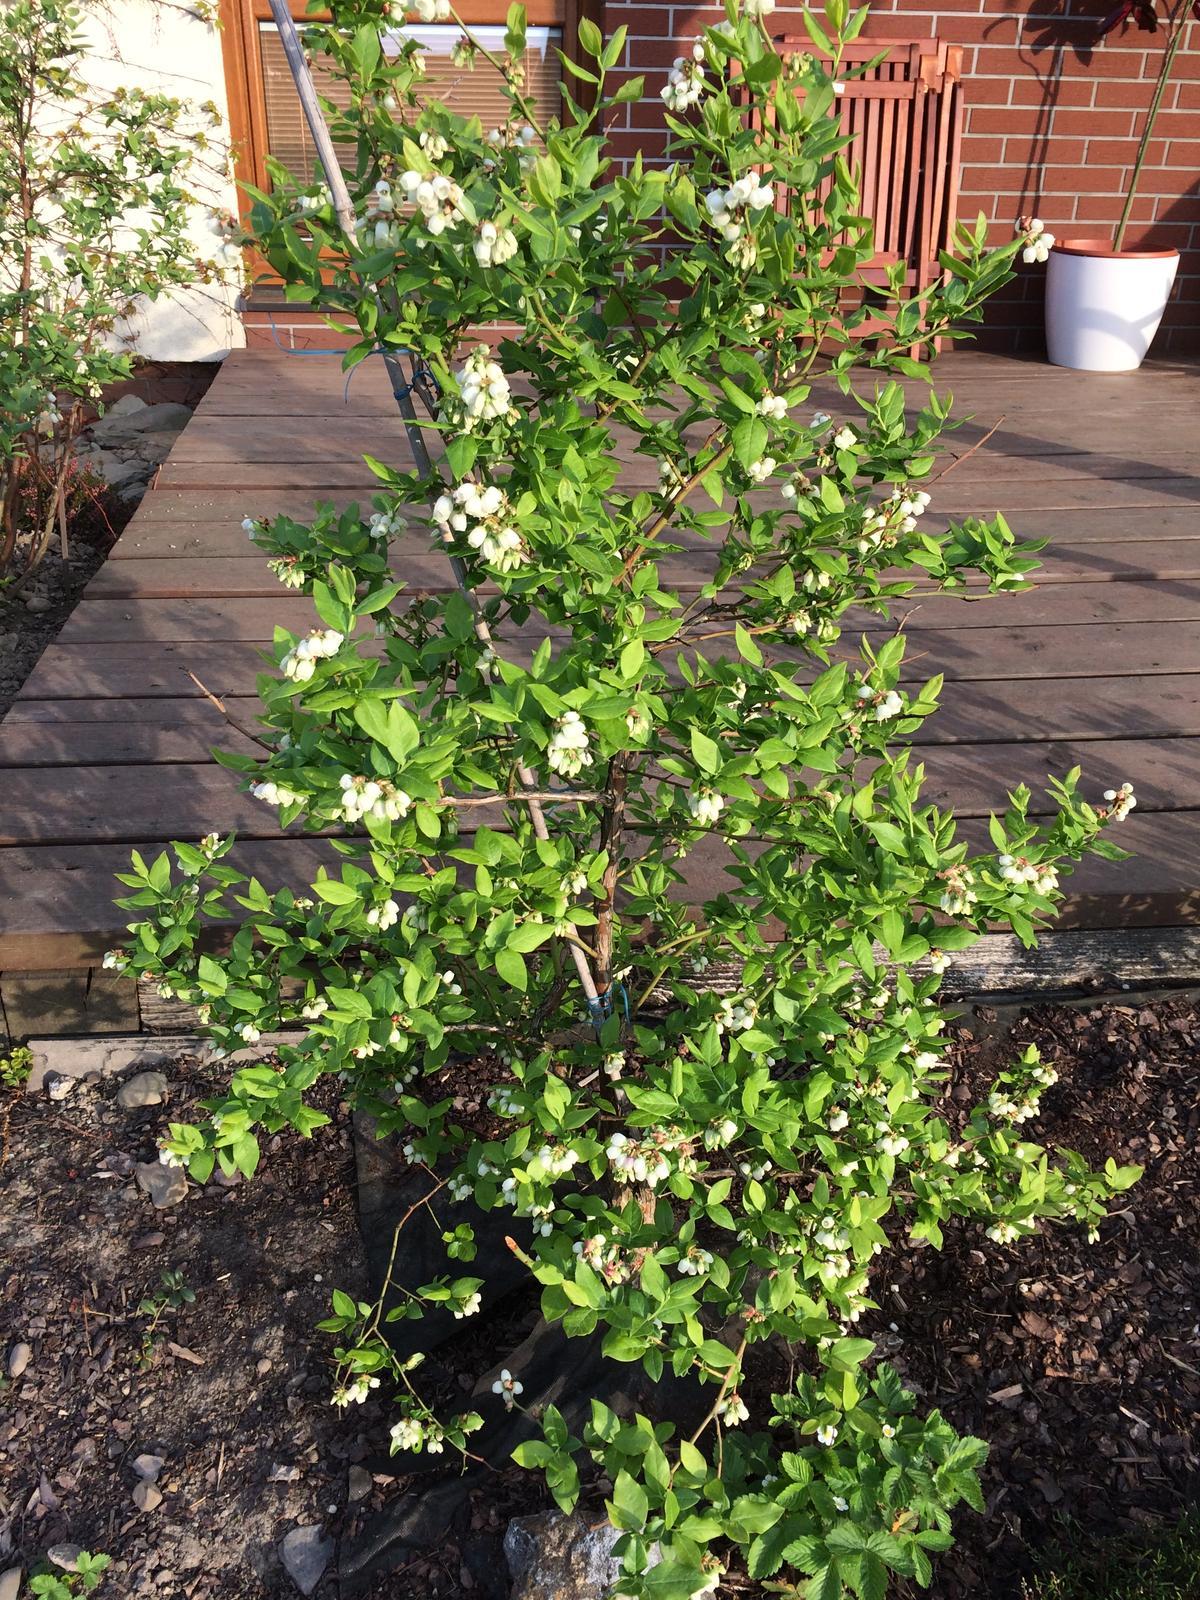 Zahrada 2018 - blueberry hill In bloom.. borůvky už rozkvetly